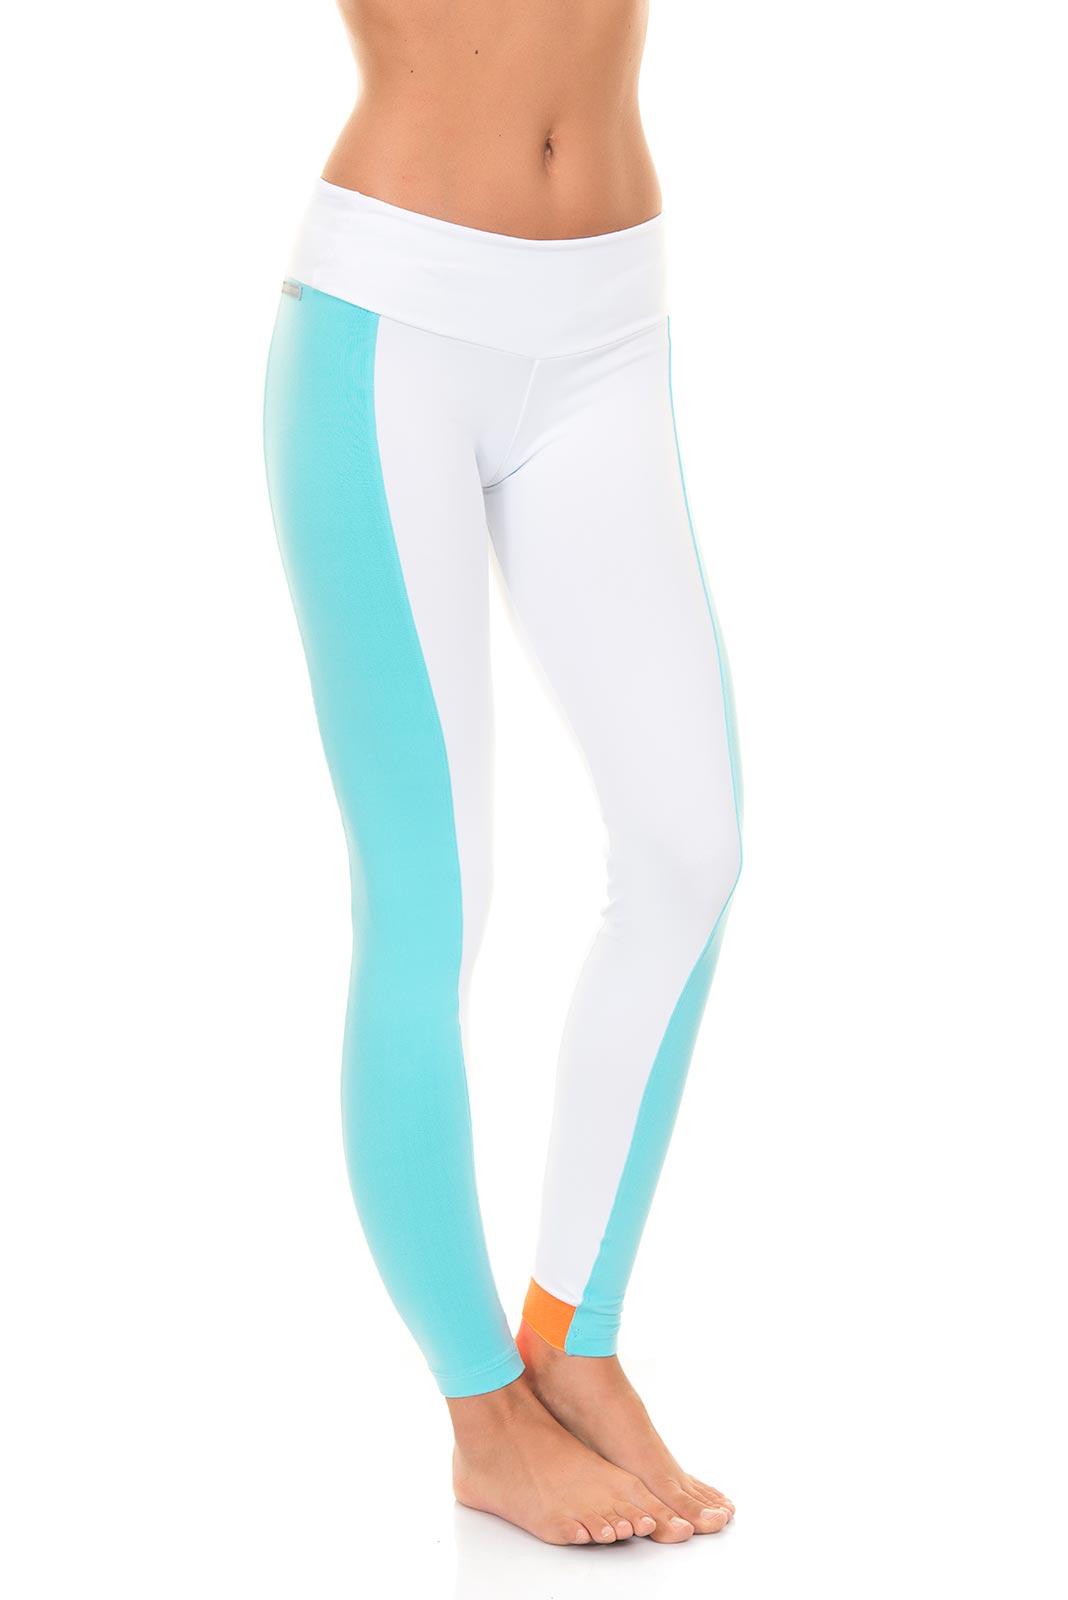 ccm wei e fitness leggings mit blauen streifen sonora. Black Bedroom Furniture Sets. Home Design Ideas